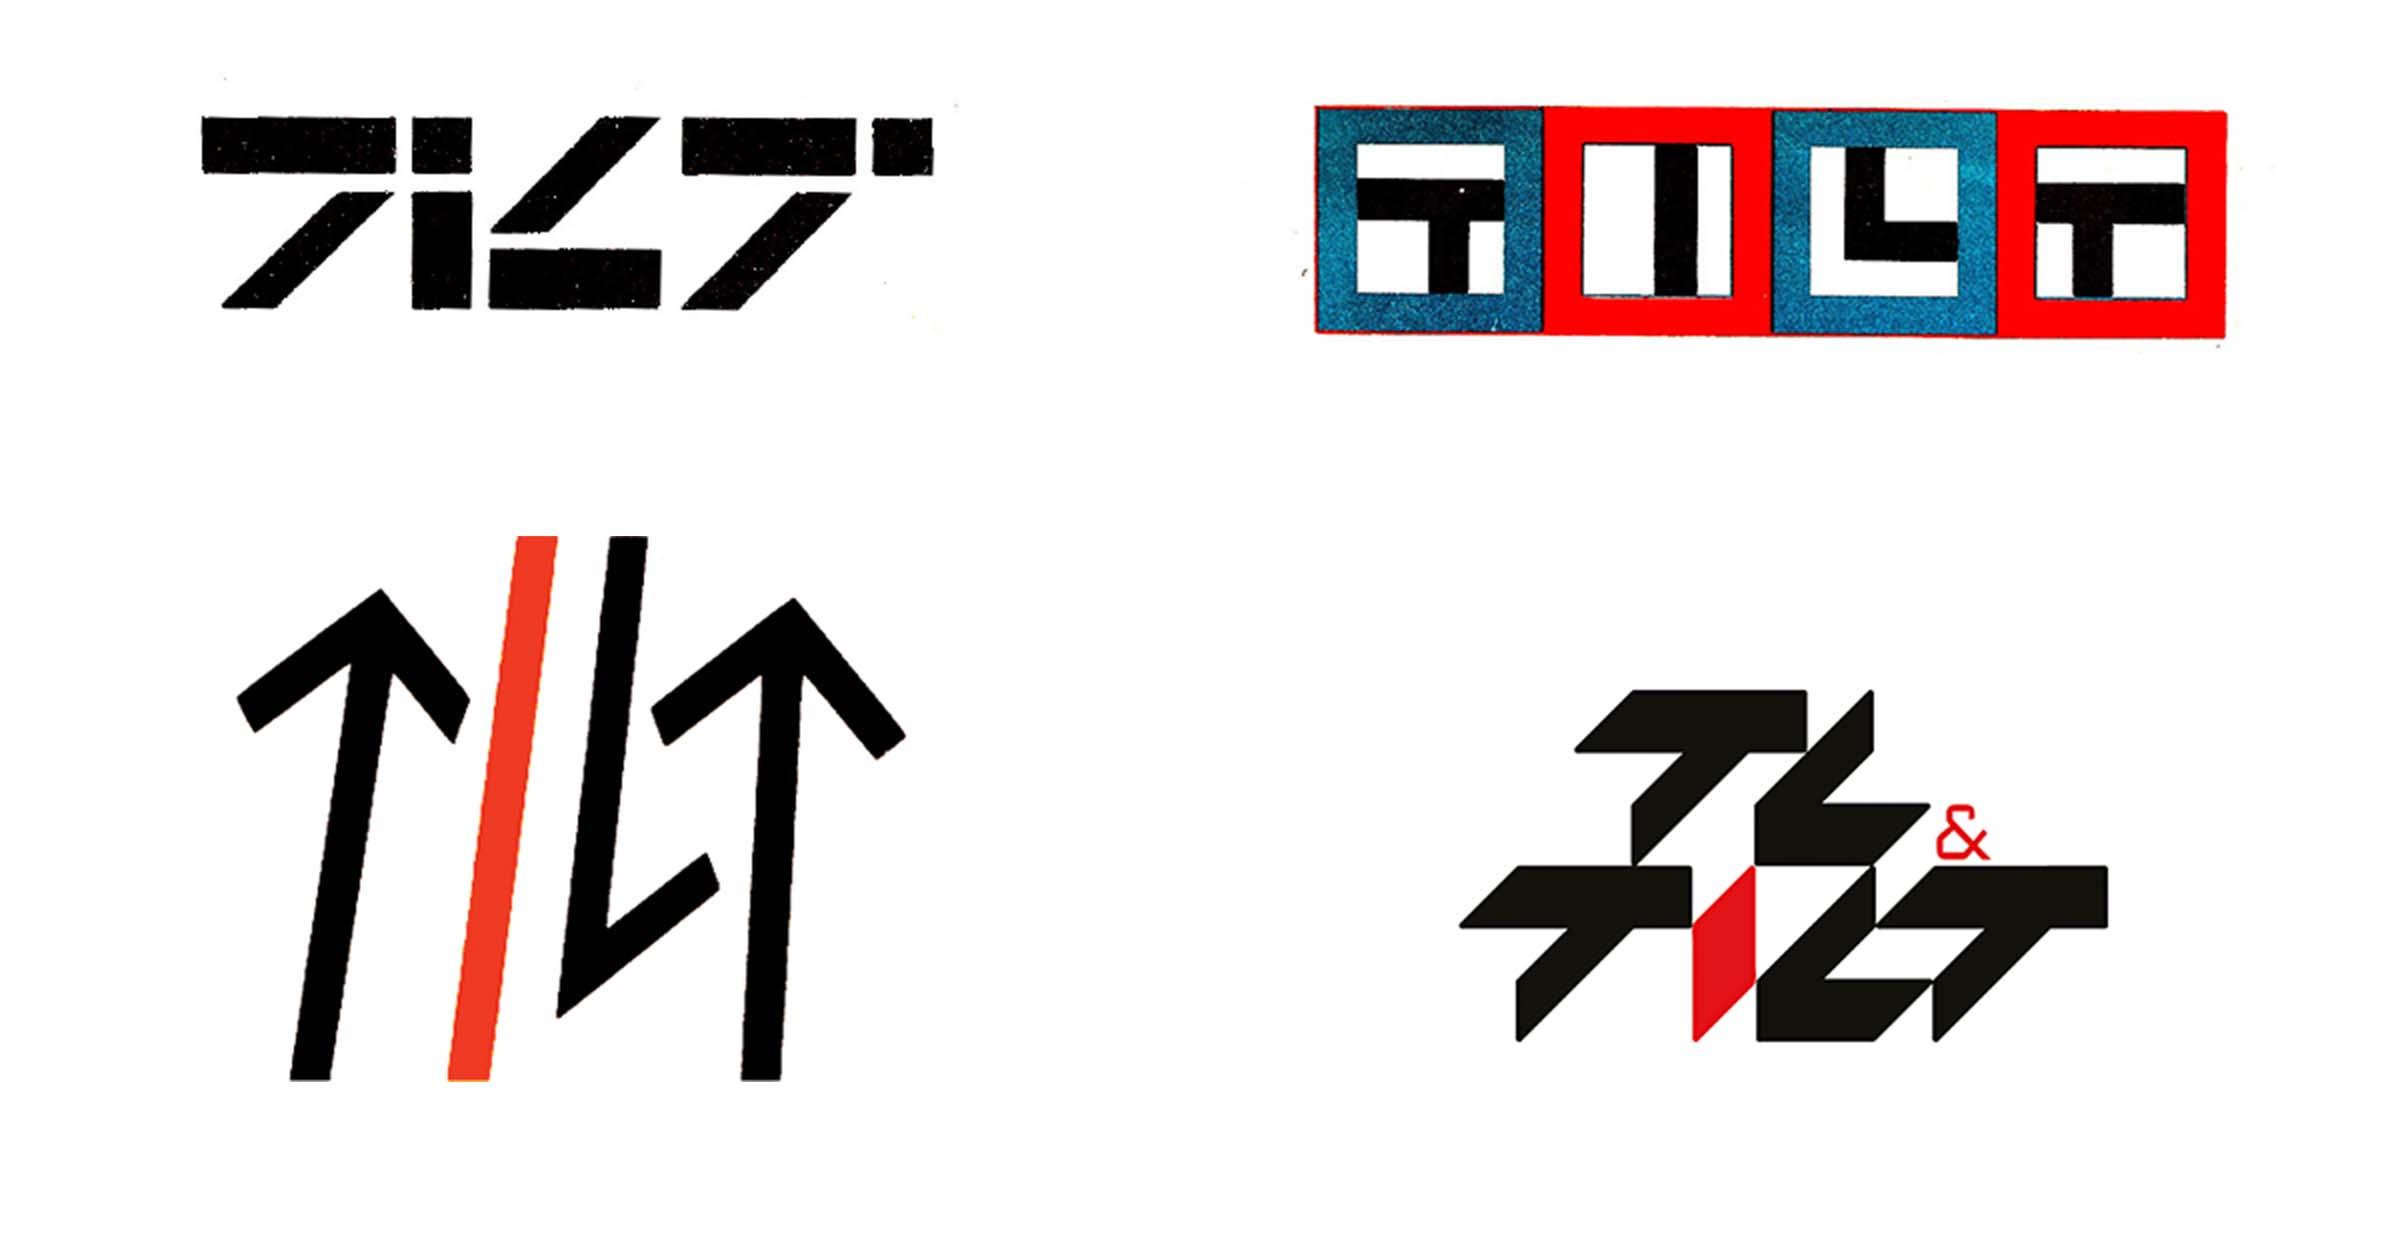 Różne warianty logotypu Tilt